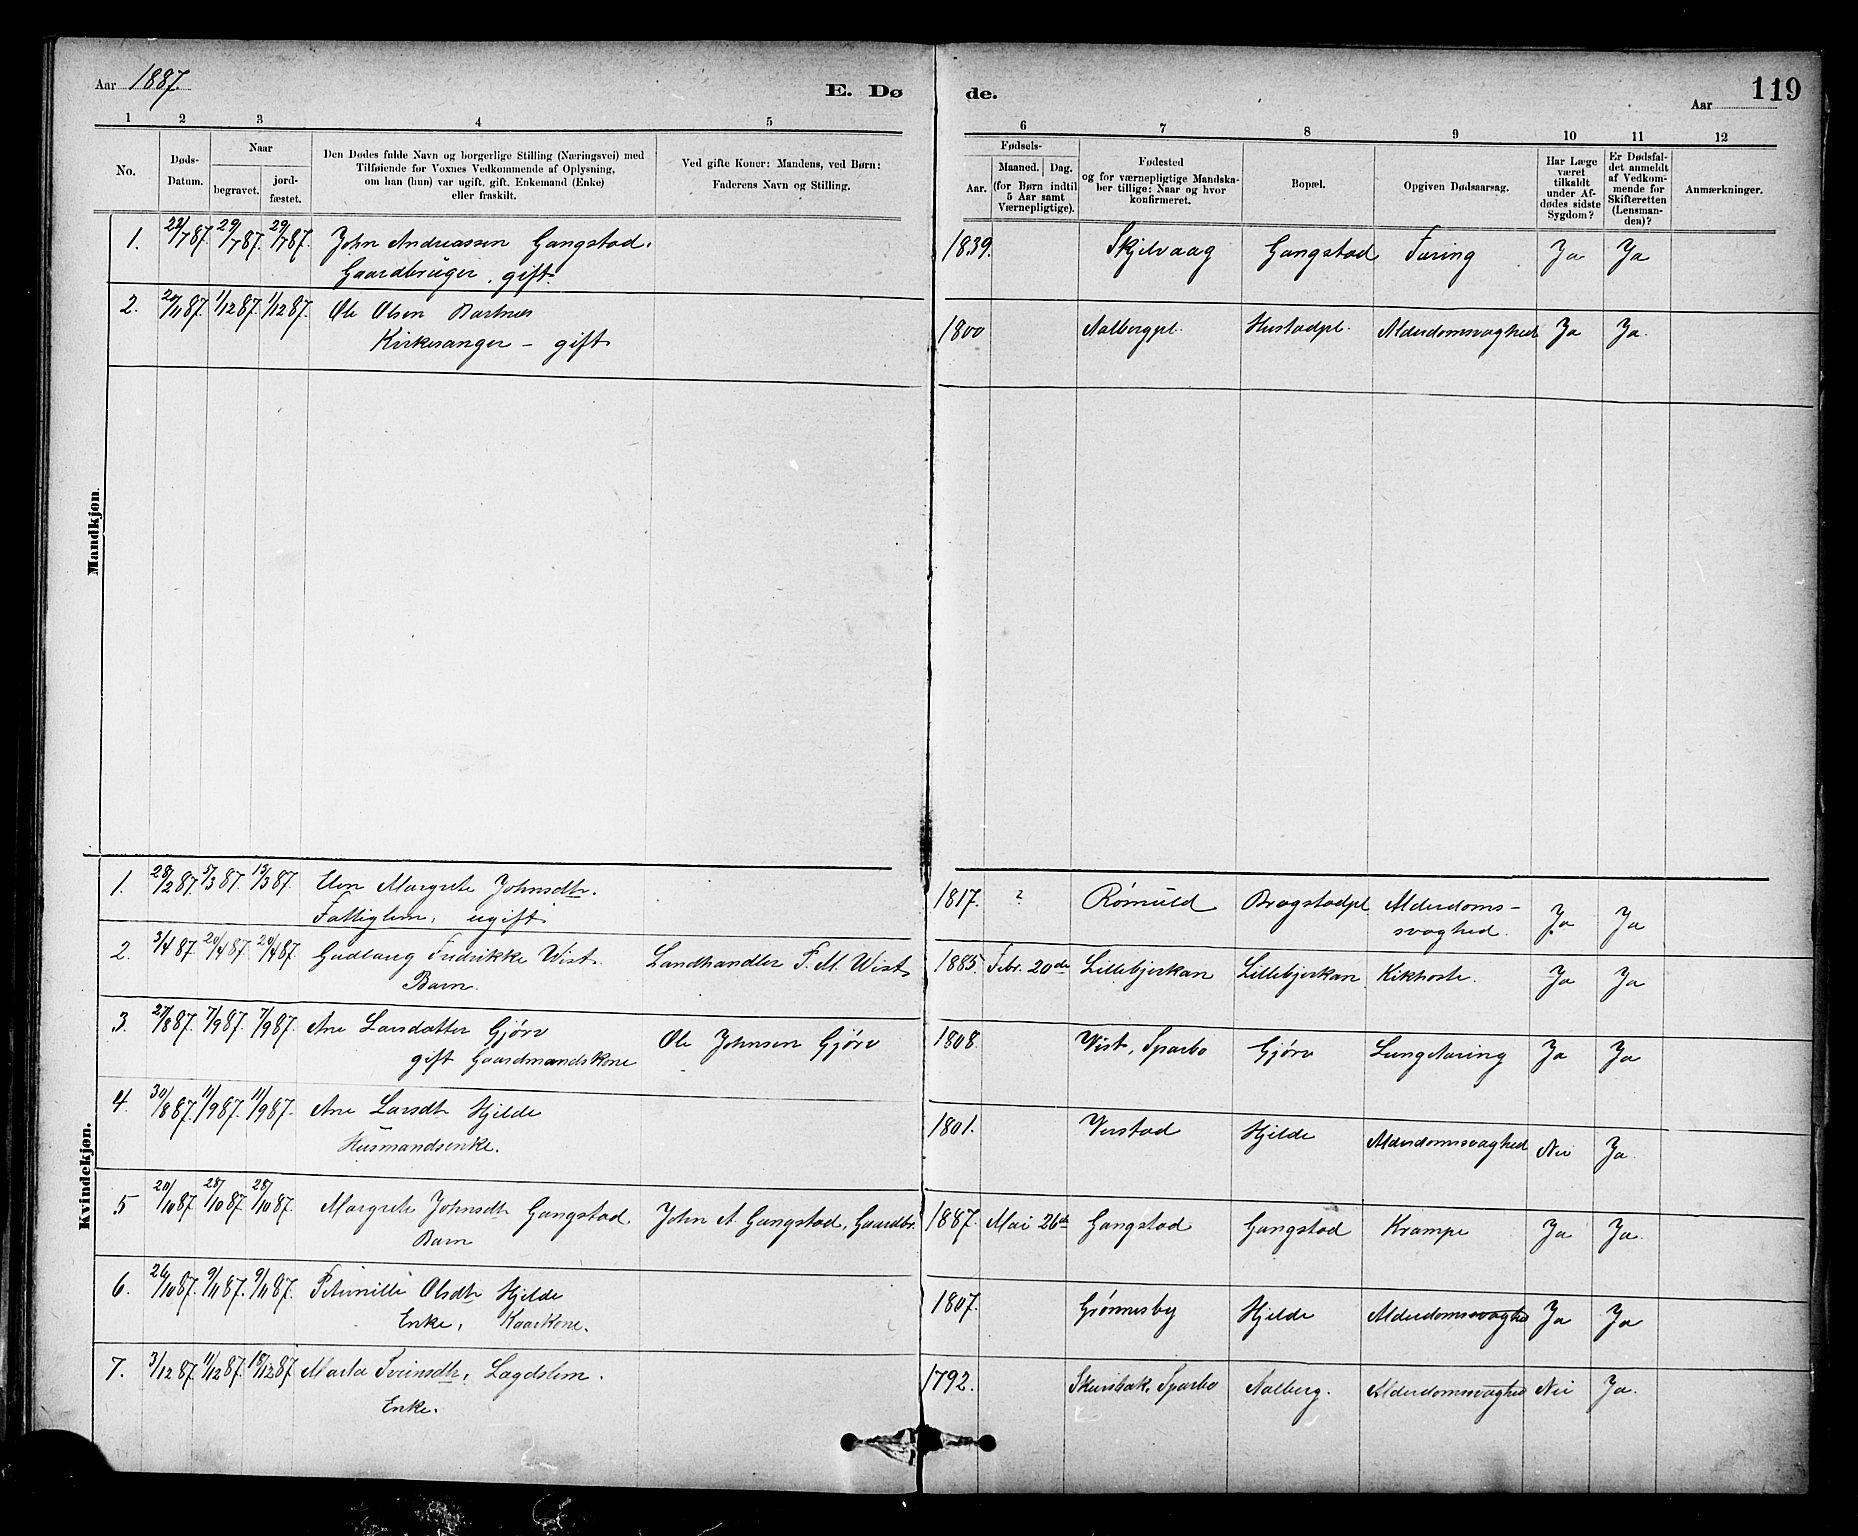 SAT, Ministerialprotokoller, klokkerbøker og fødselsregistre - Nord-Trøndelag, 732/L0318: Klokkerbok nr. 732C02, 1881-1911, s. 119